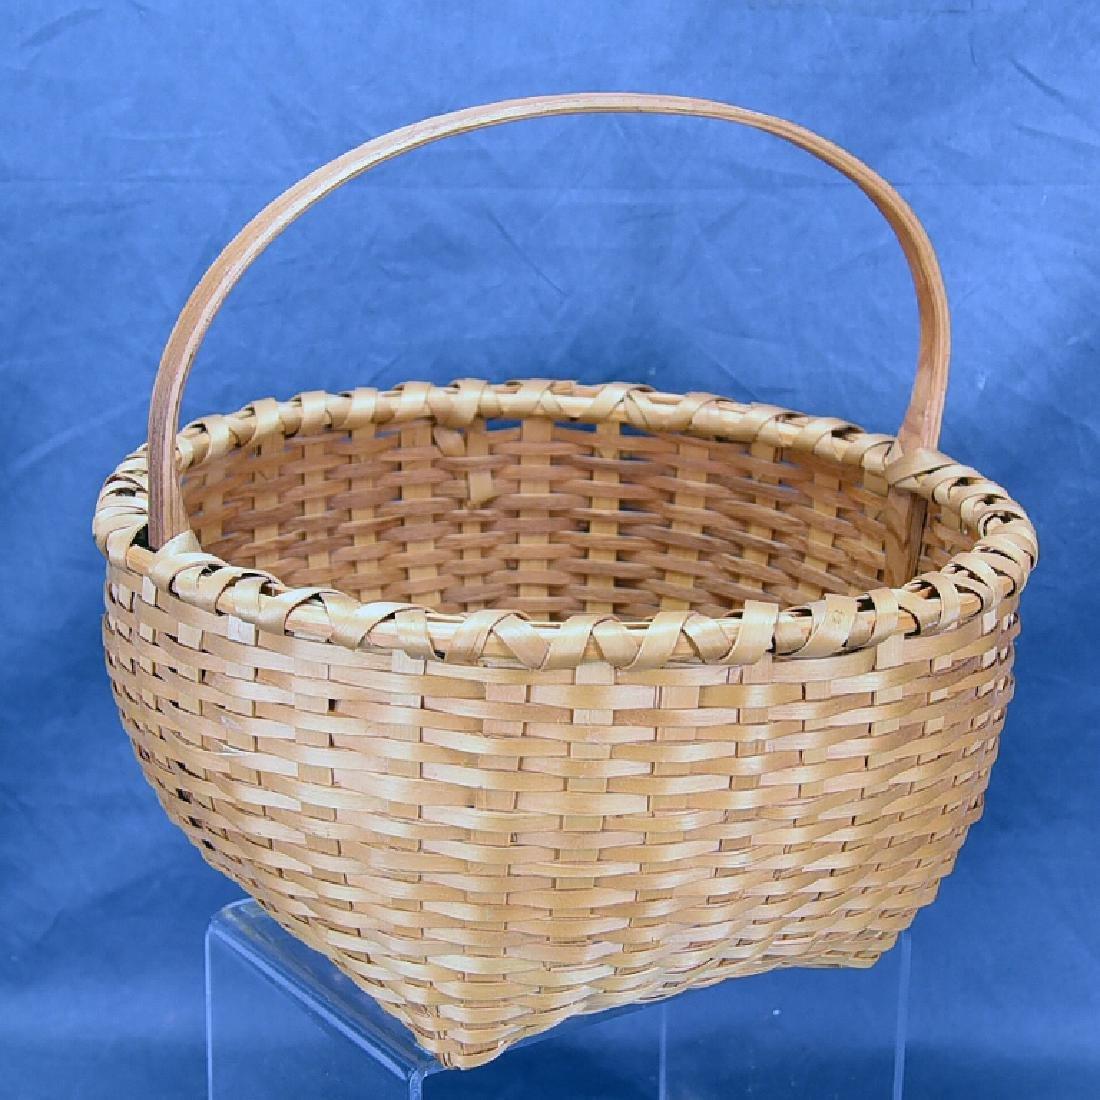 2 Splint Market Baskets - 7